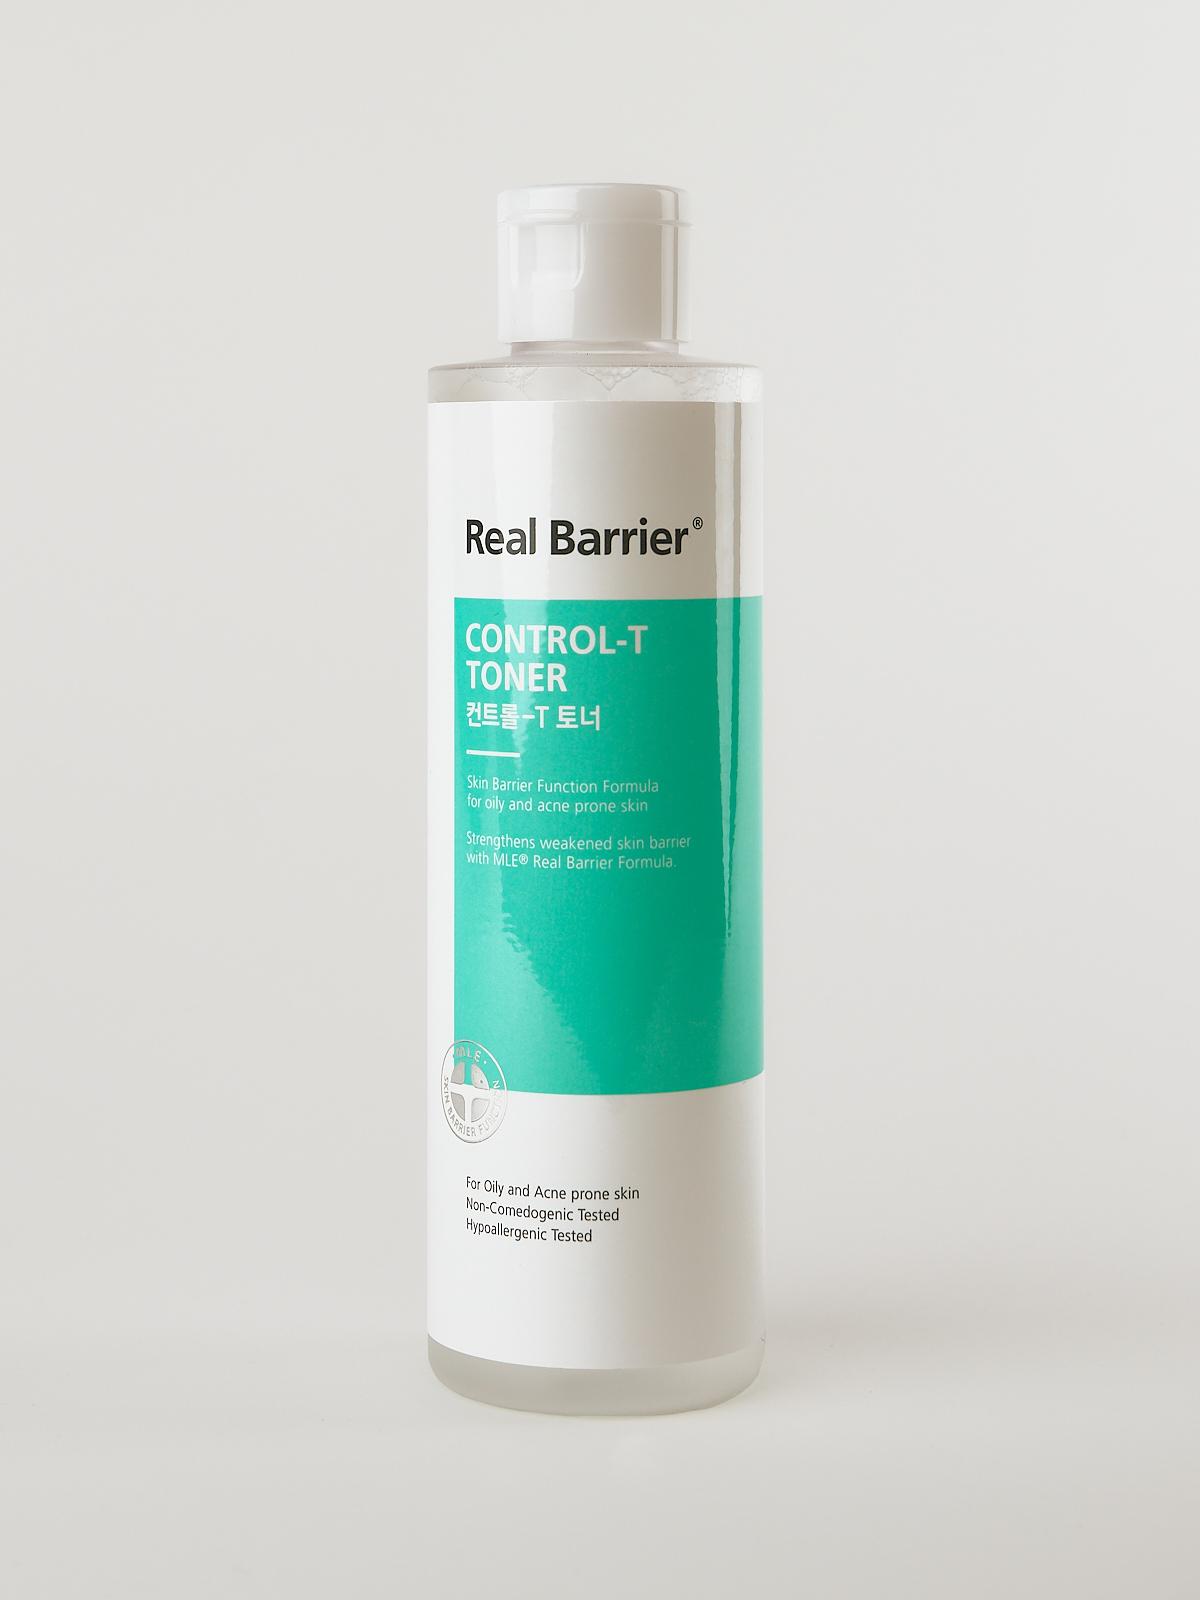 Real Barrier Control-T Toner gegen Pickel, Mitesser und Akne. Gesichtswasser für fettige Haut im weiß türkisen Fläschchen.